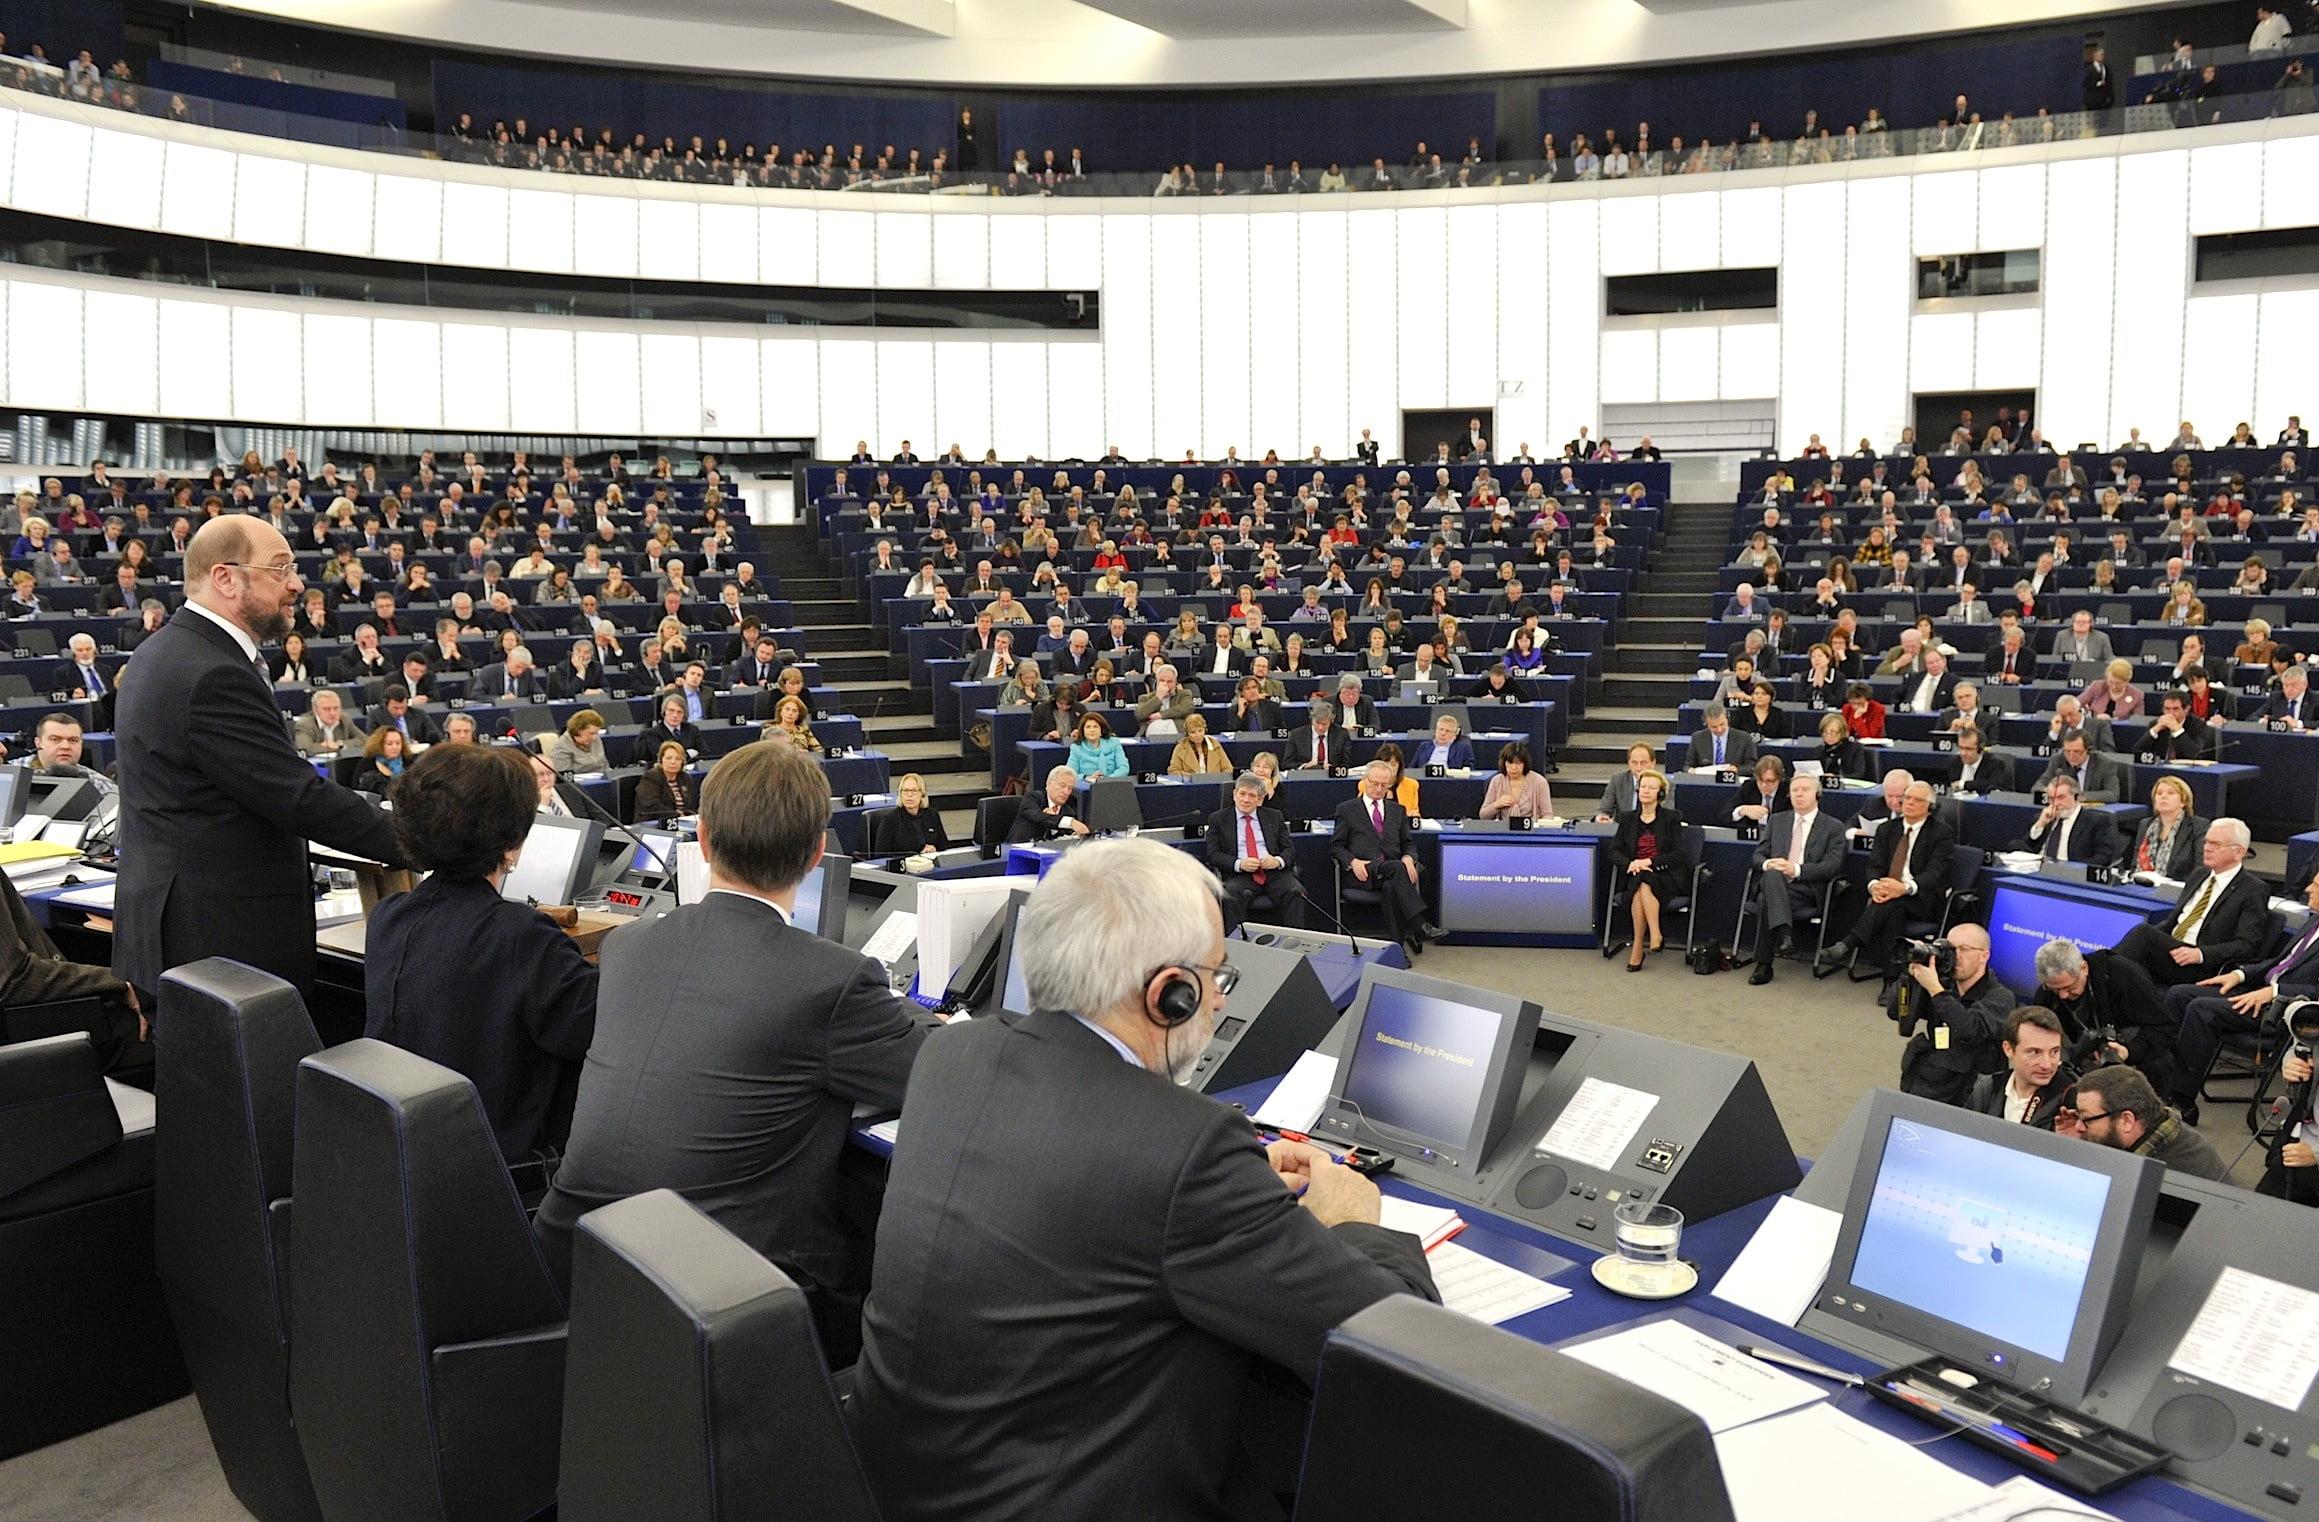 Dezbaterea despre Romania in Parlamentul European, transformata in circ de Dambovita